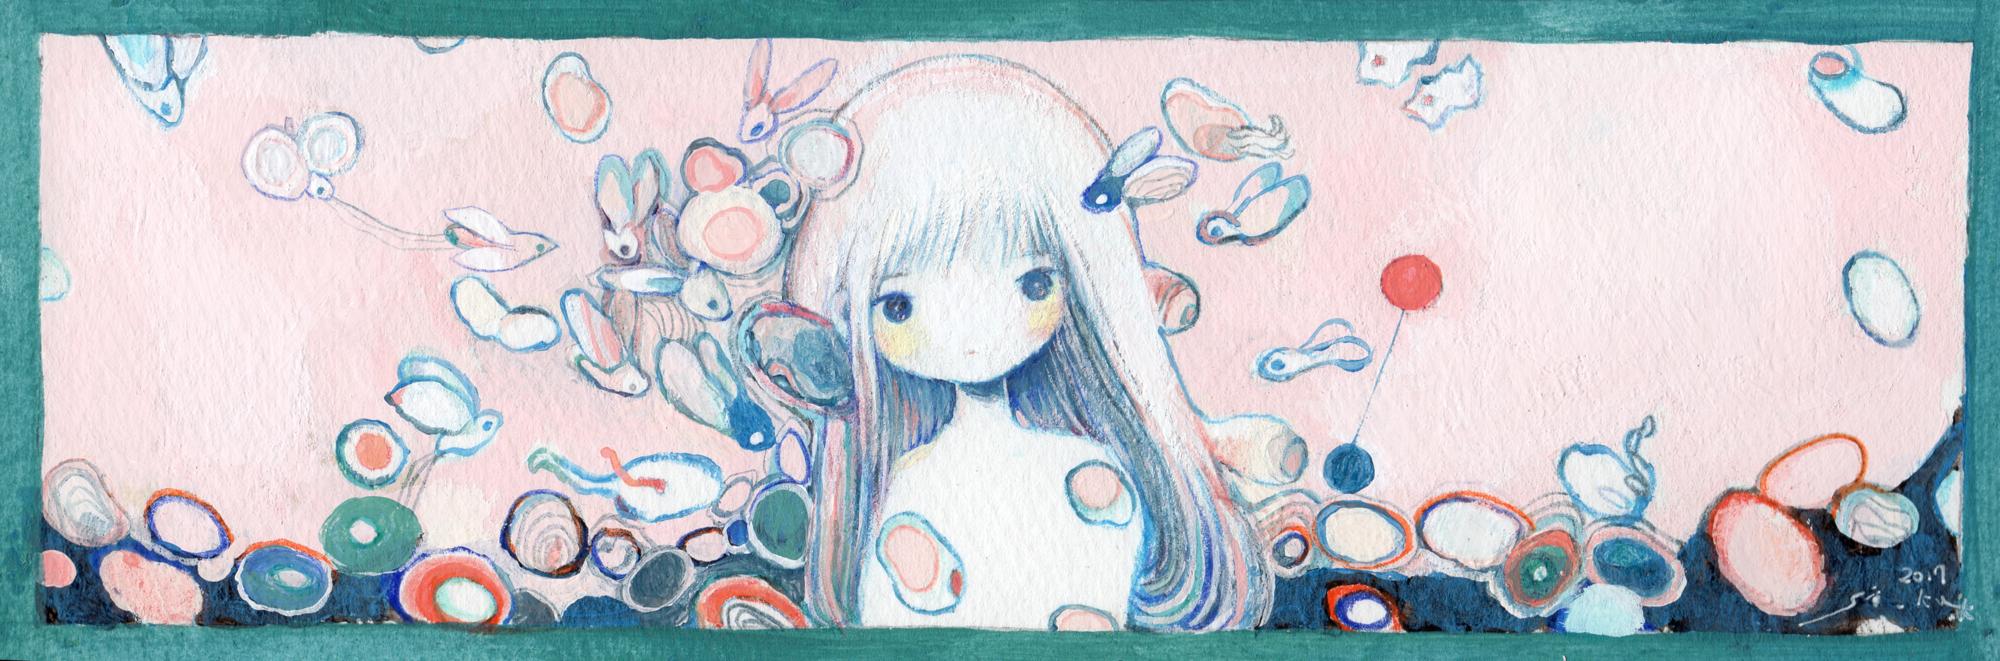 f:id:si_ku:20180405151811j:plain